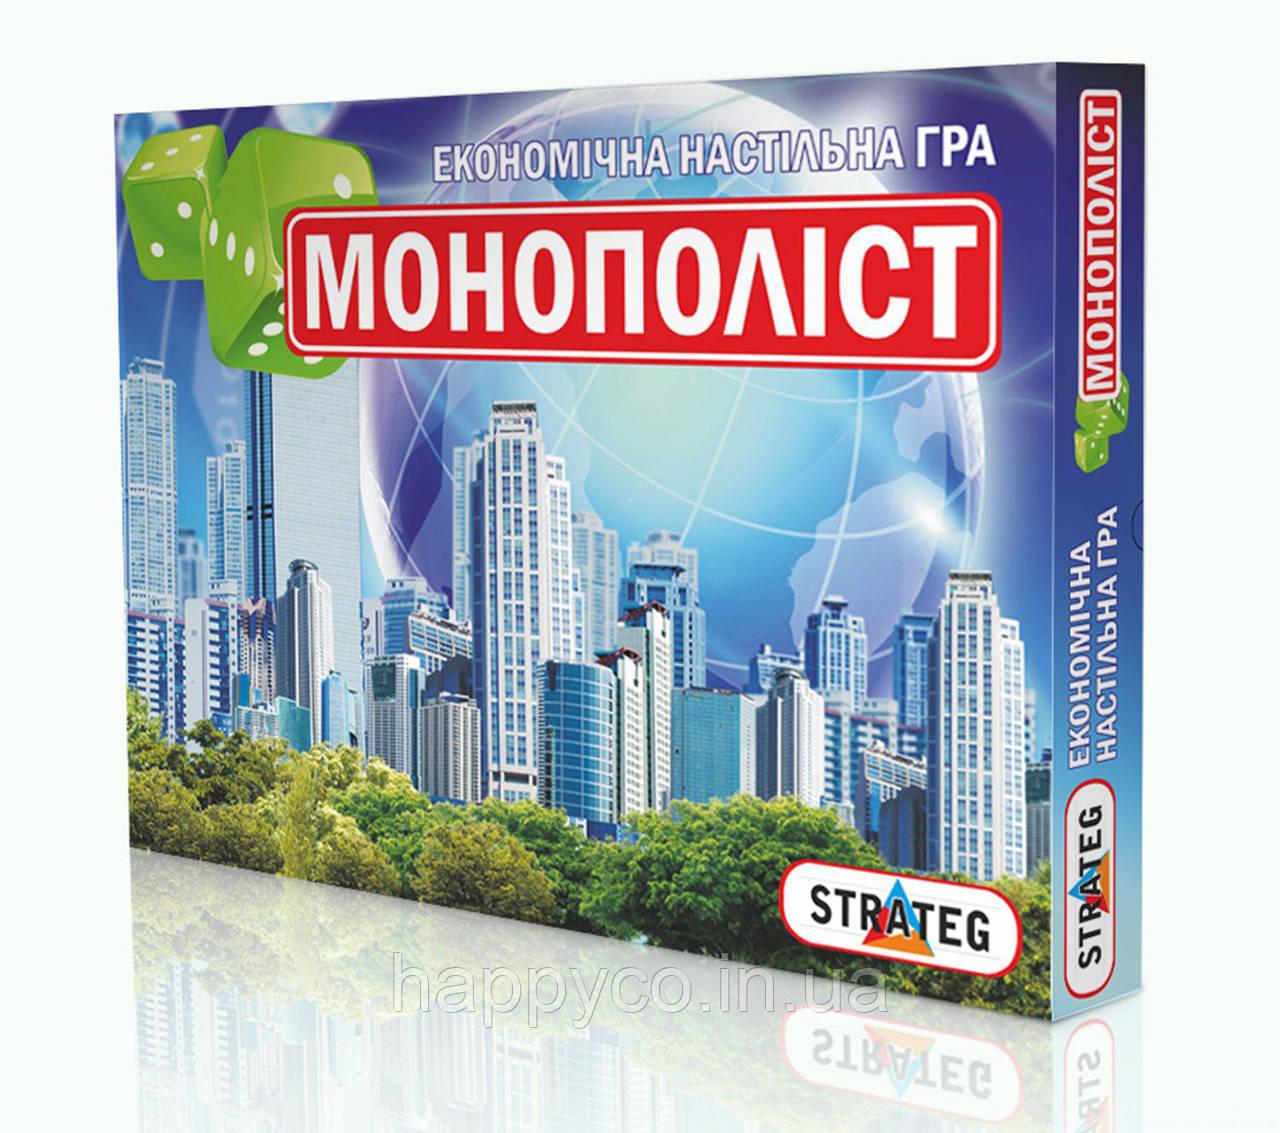 """Монополист укр. """"STRATEG"""" экономическая игра"""